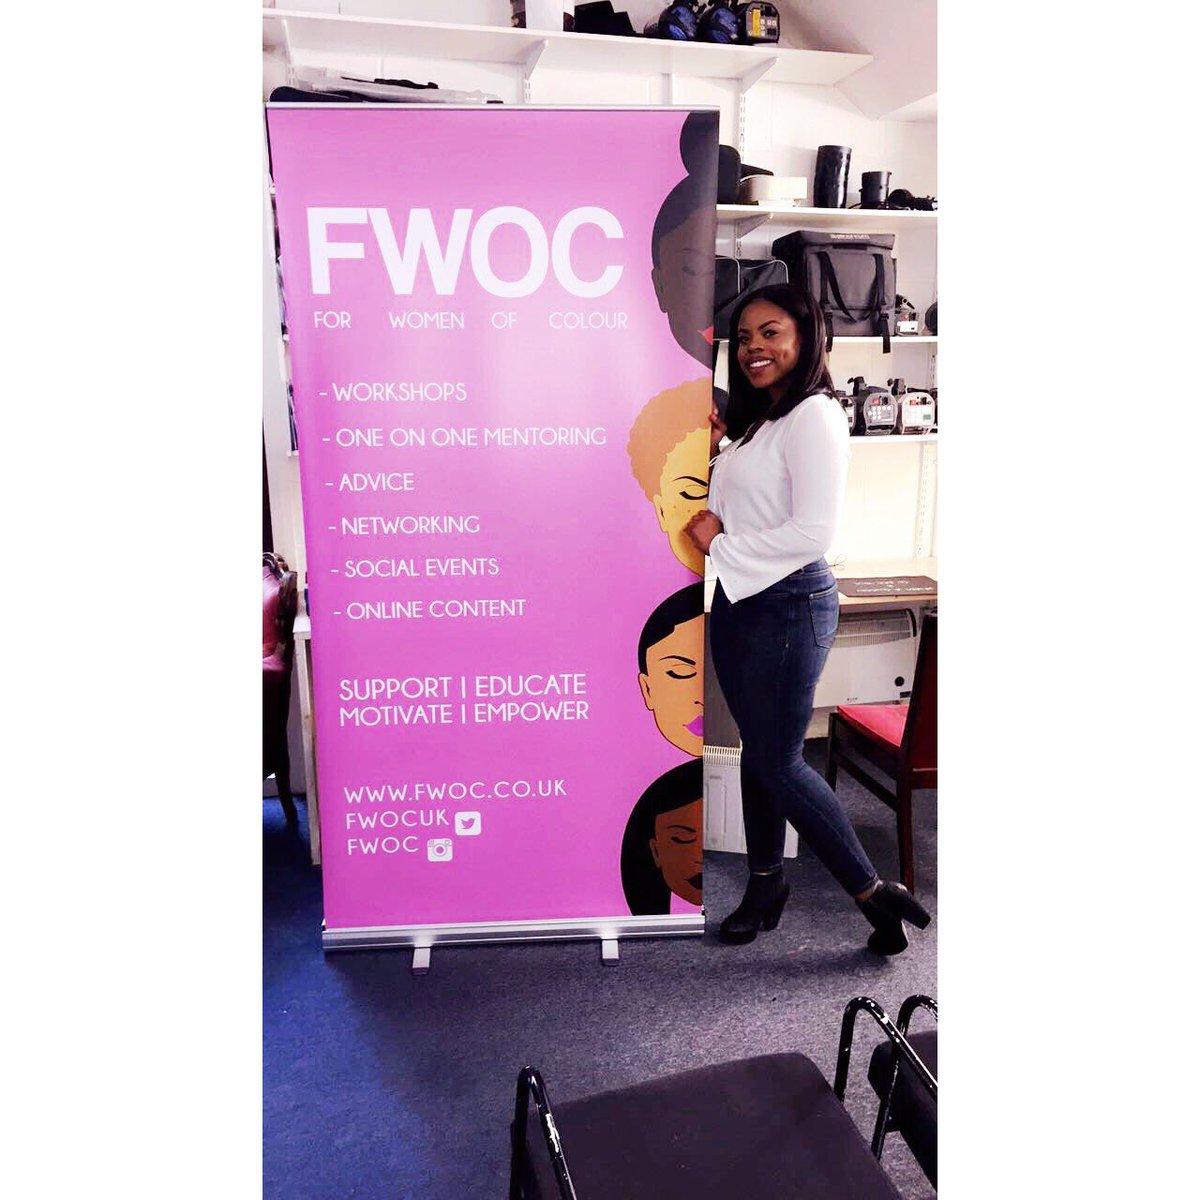 fwoc.co.uk